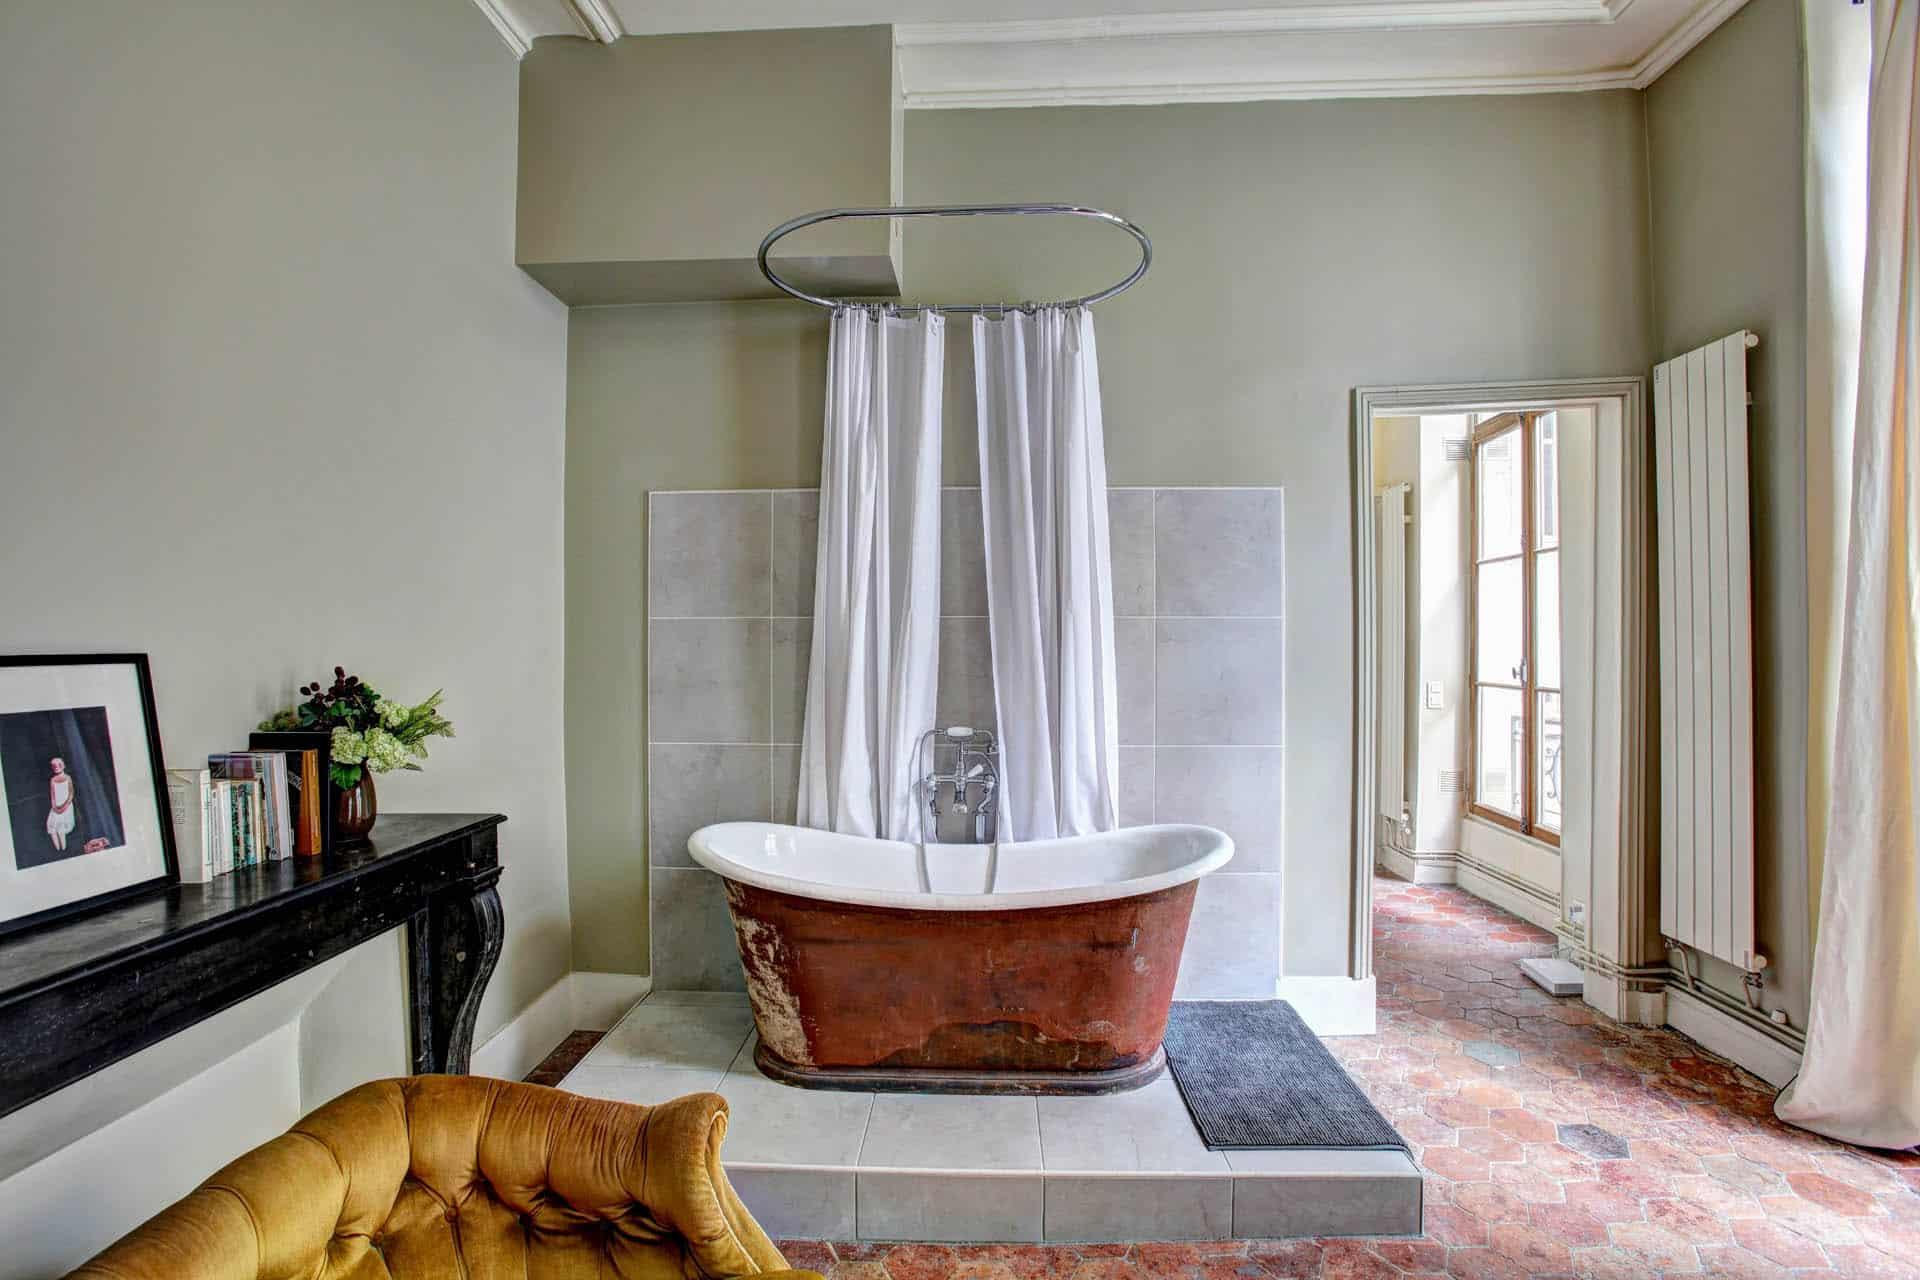 Décoration salle de bains : quelle est la tendance 2019 ...